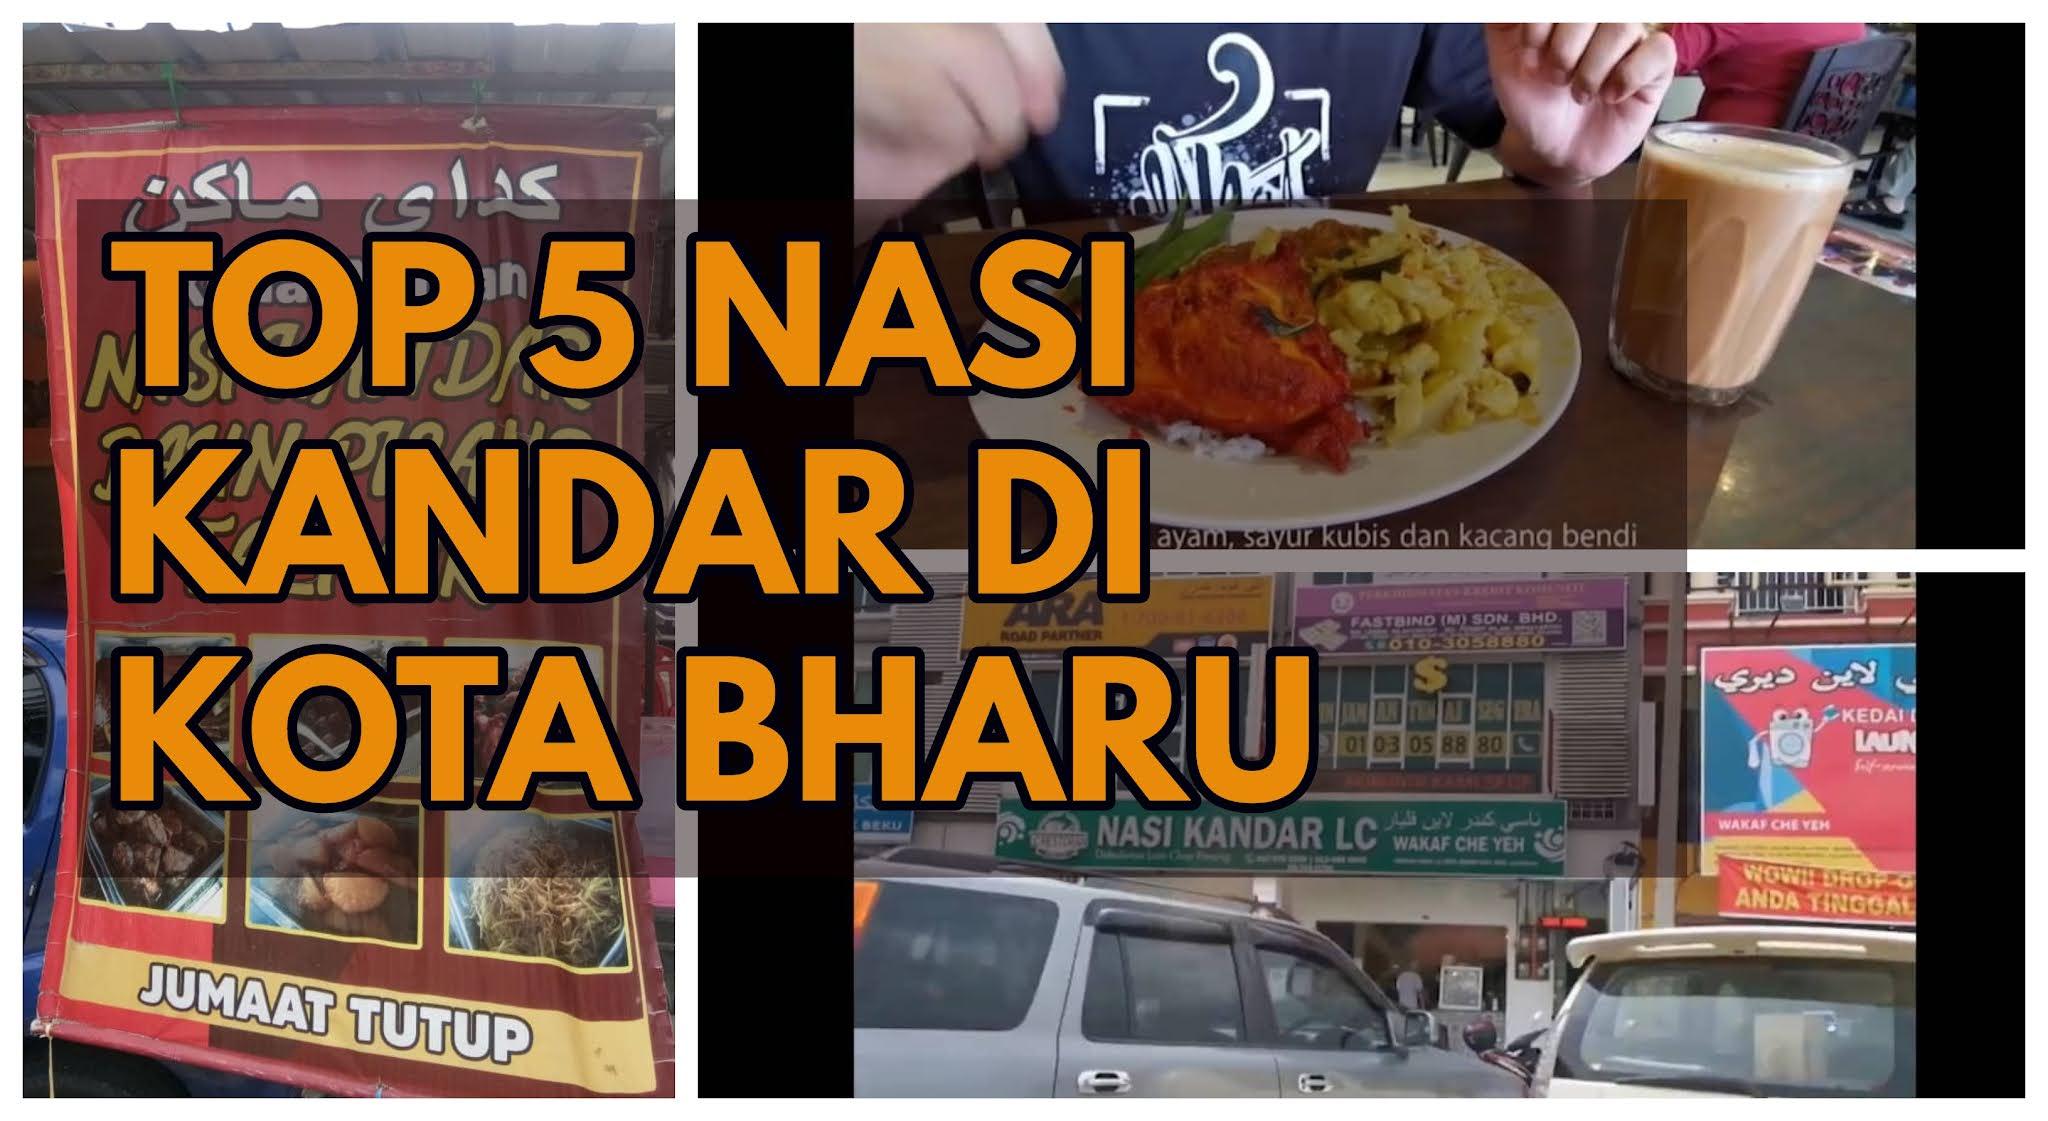 Tempat Makan Best Di Kota Bharu   Top 5 Restoran Nasi Kandar di KB!